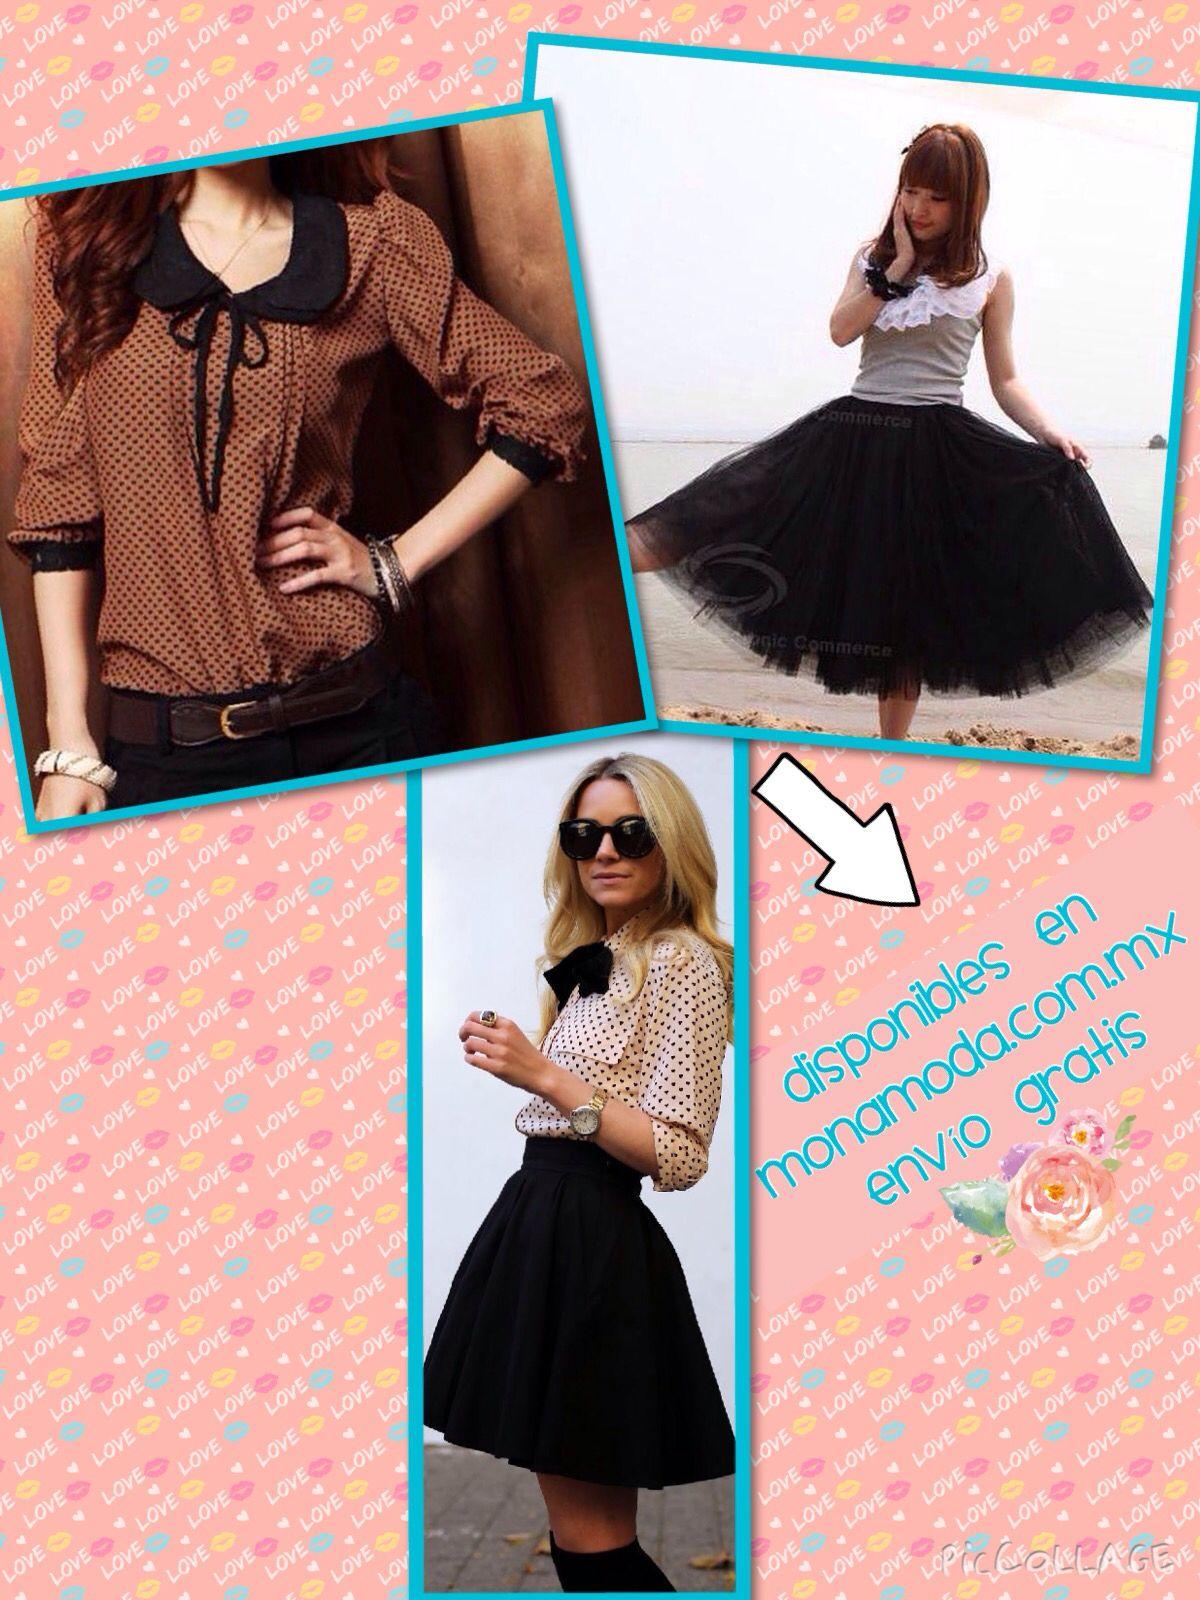 Polka dot y tul, un outfit original. Disponible en www.monamoda.com.mx